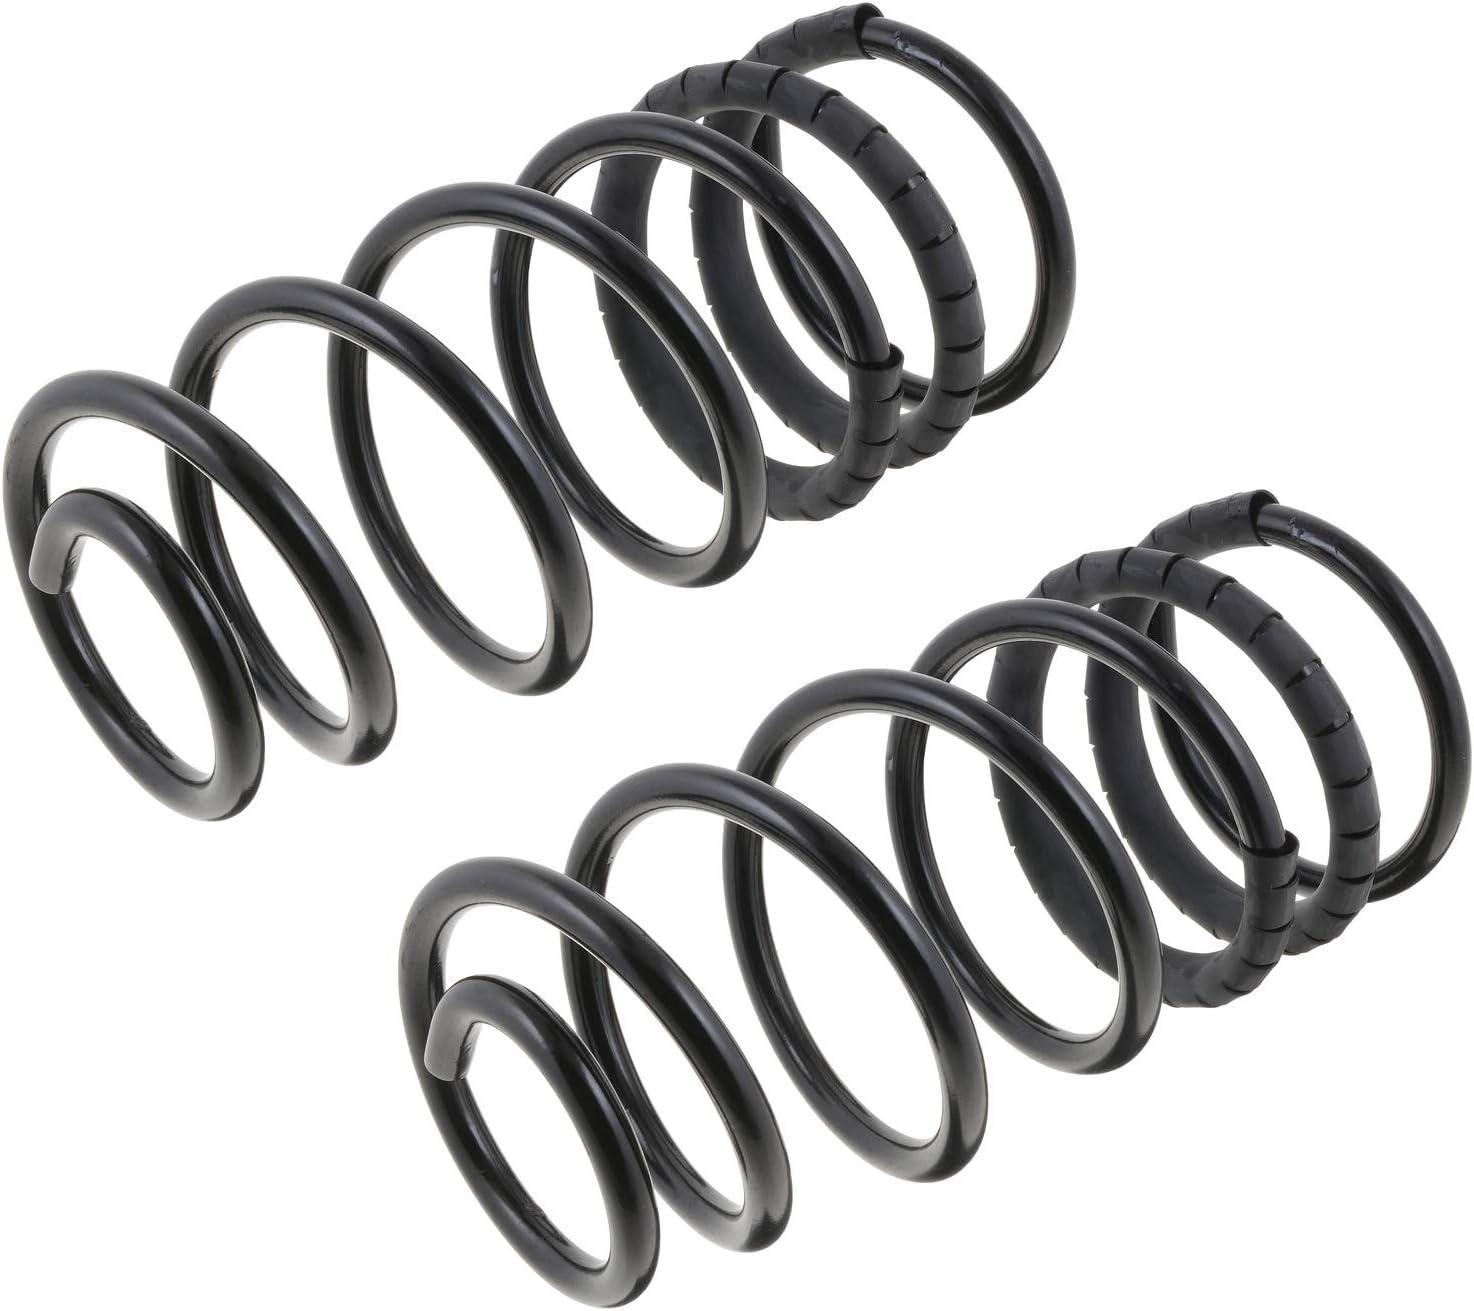 TRW Automotive JCS1823T Coil Spring Set 2 Pack